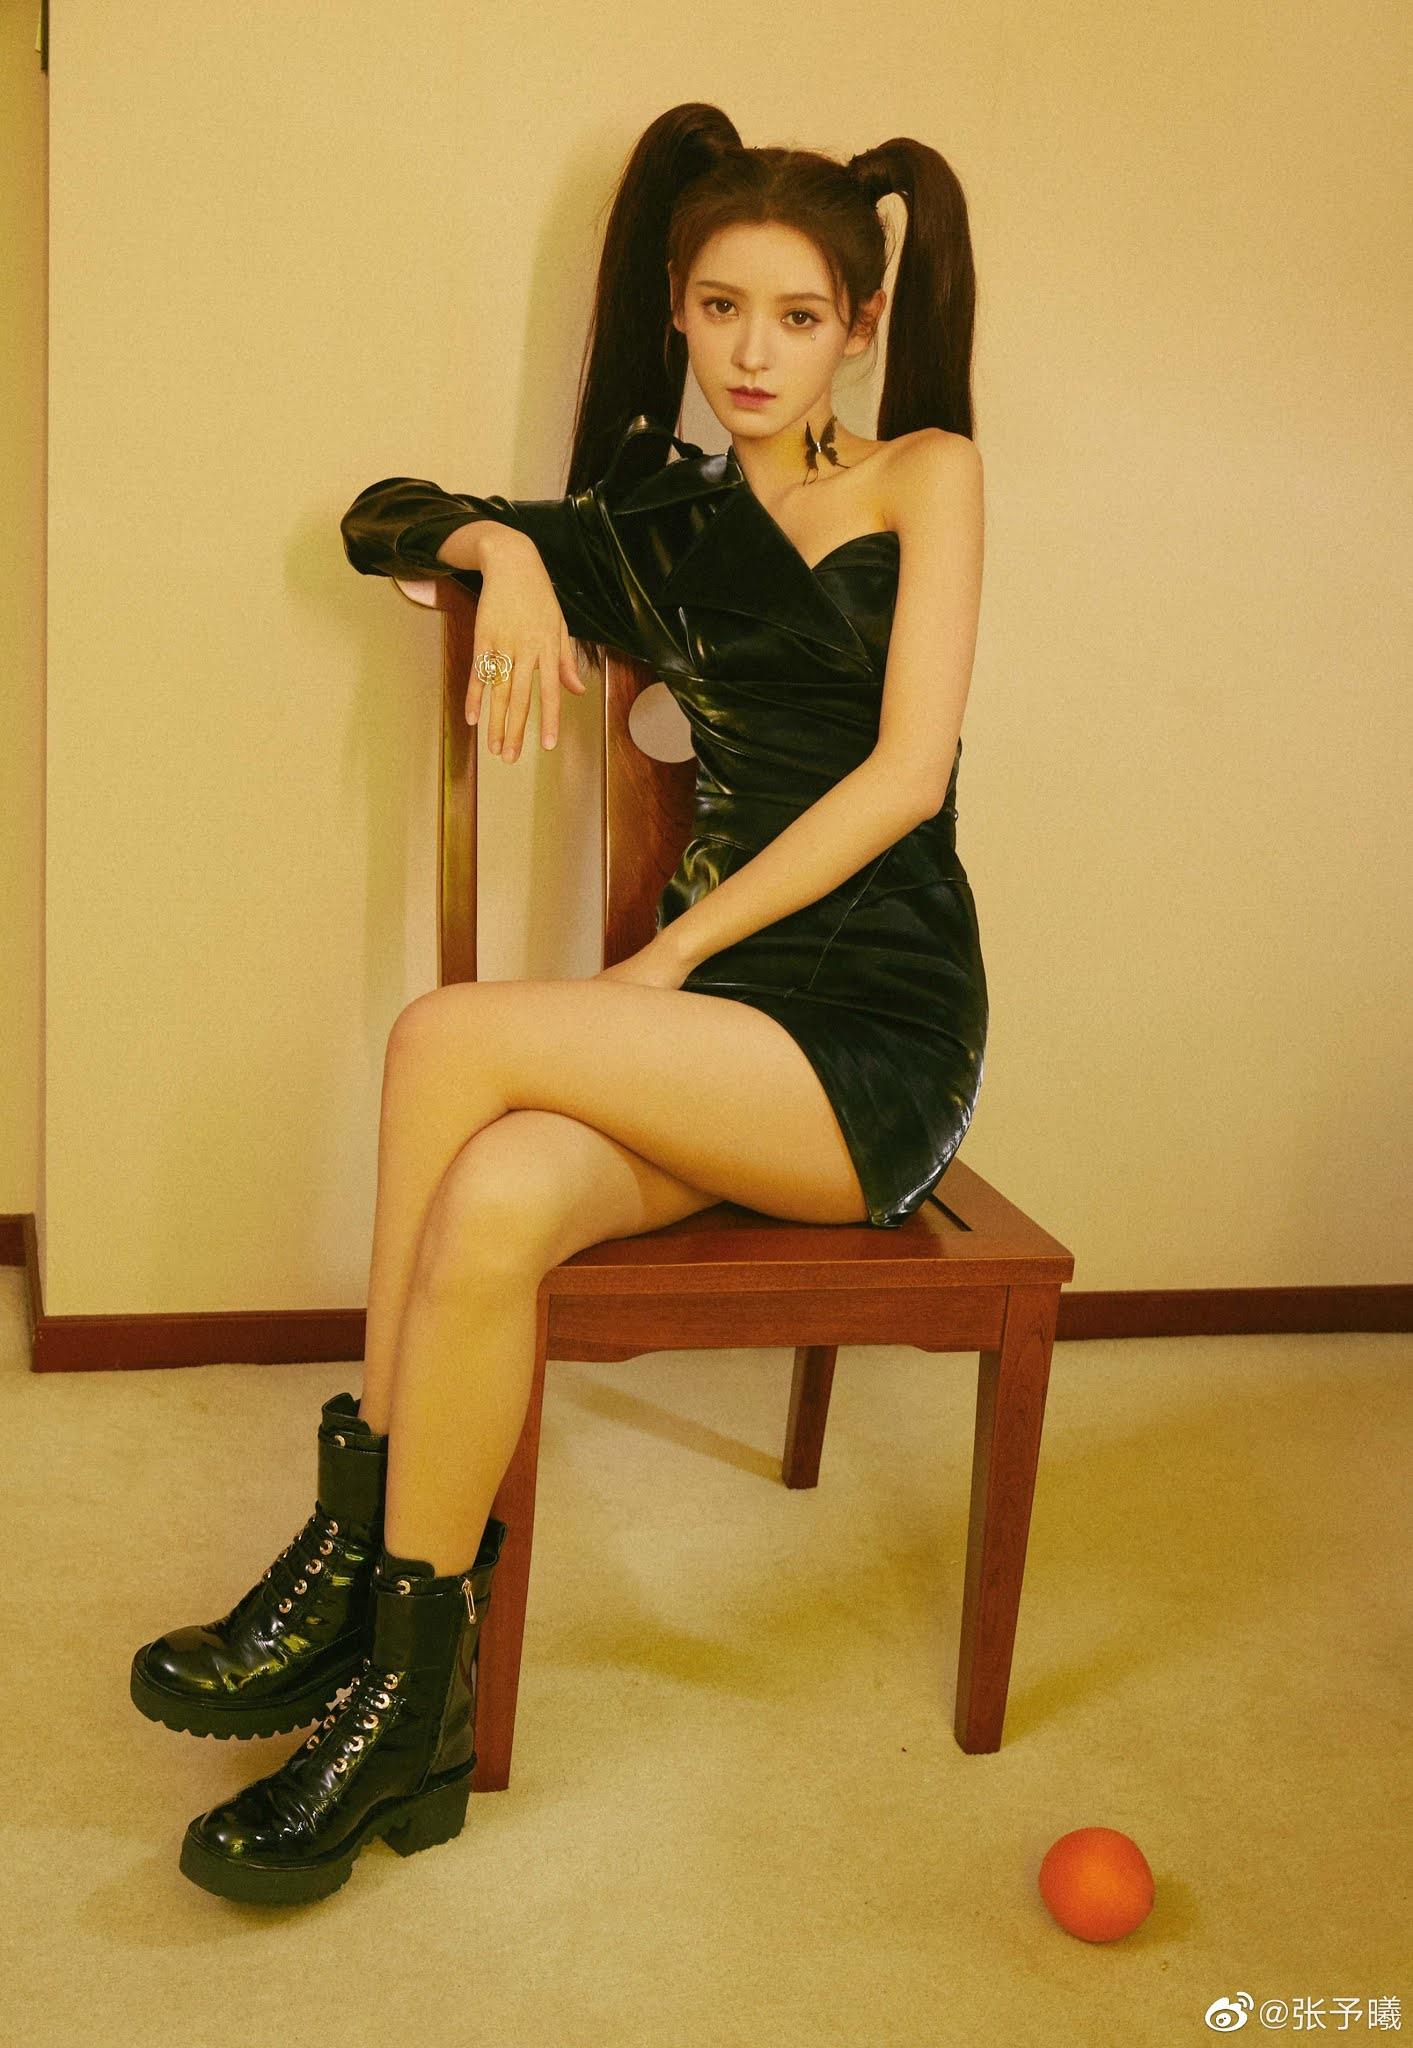 , Zhang Yuxi poses for photo shoot